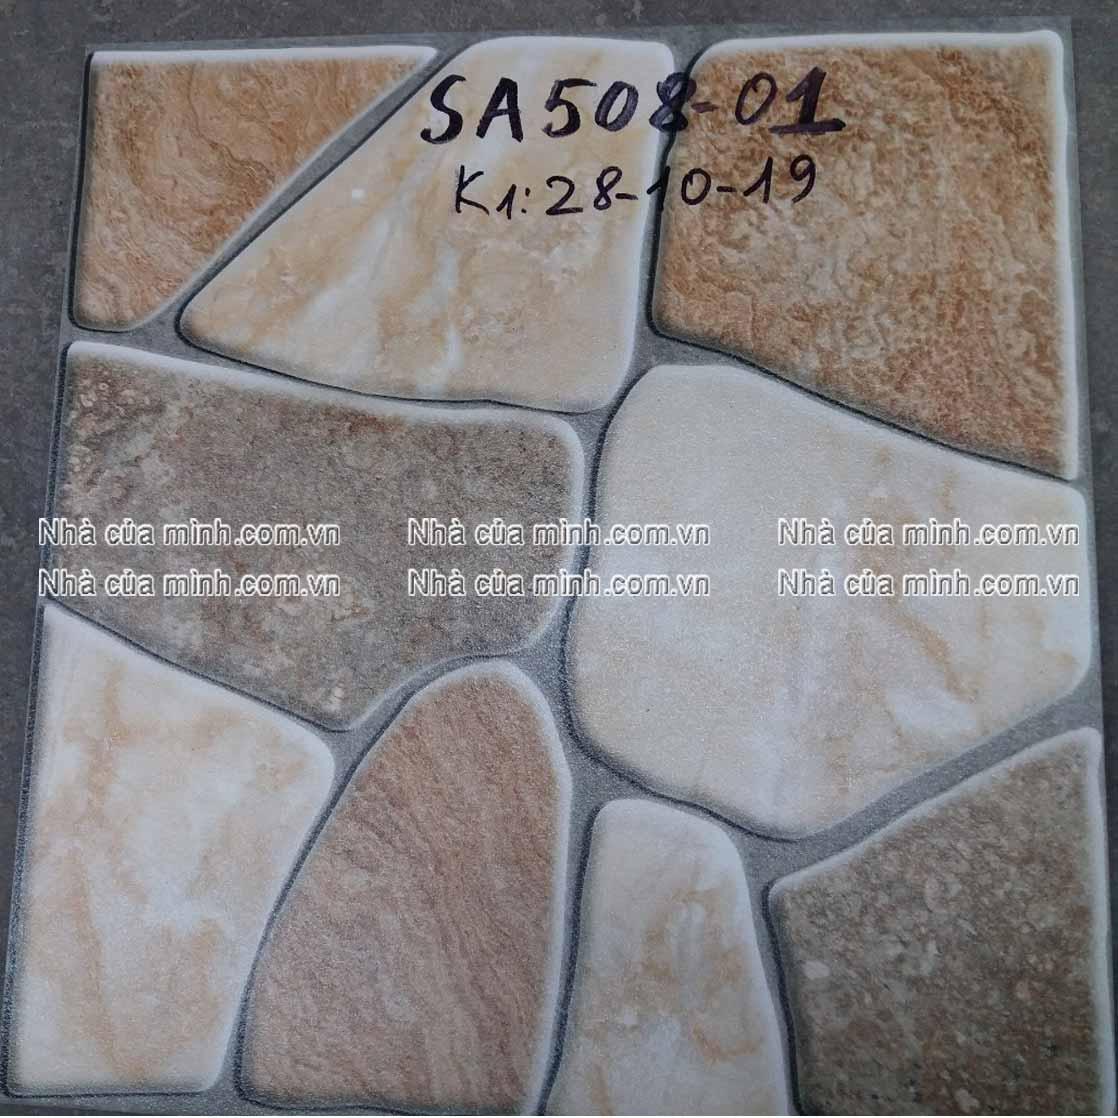 Gạch lát sân vườn Viglacera SA508 giá rẻ